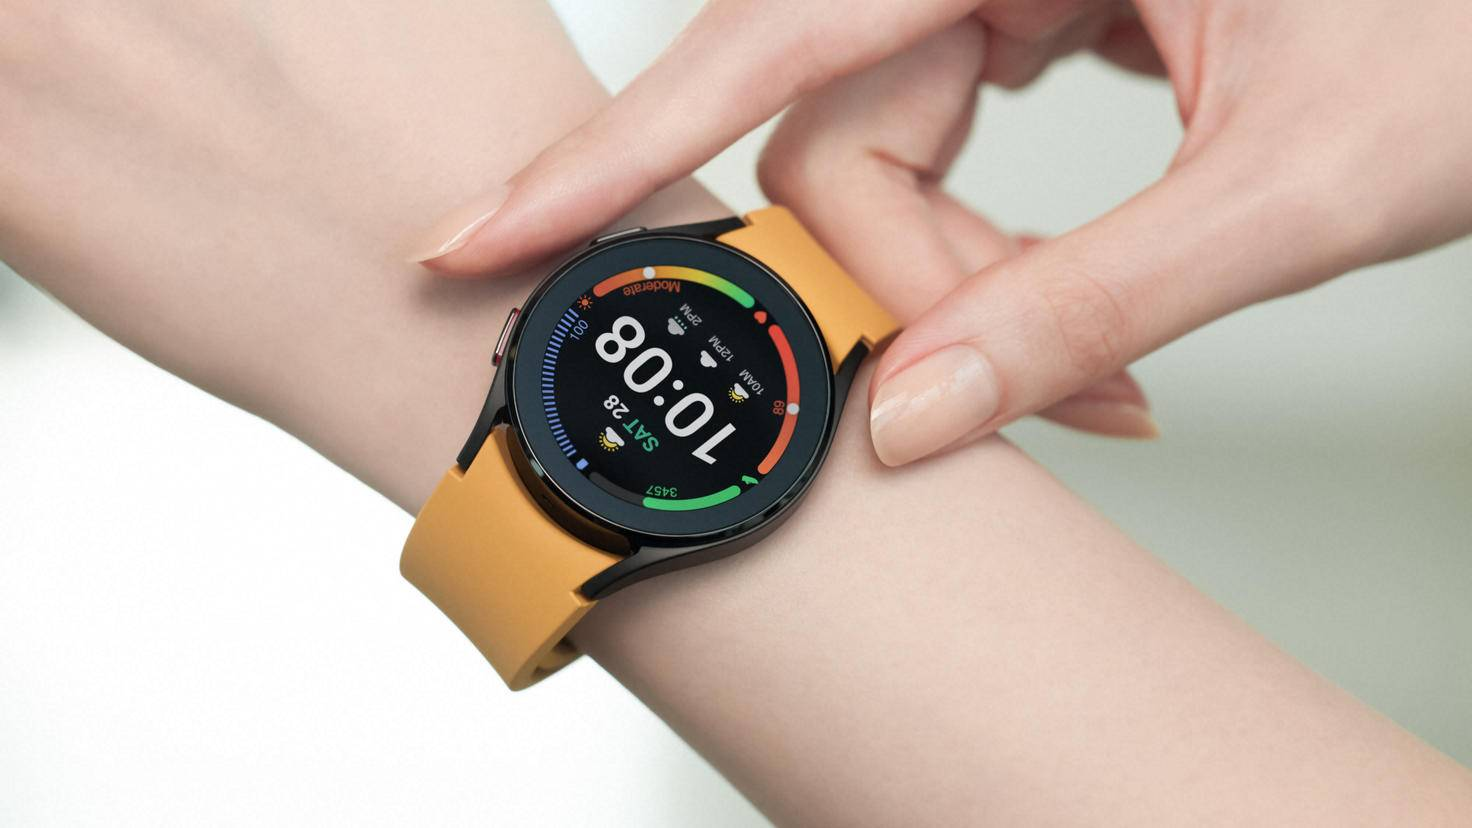 Die Galaxy Watch 4 bietet neben GPS zahlreiche Gesundheitsfunktionen.